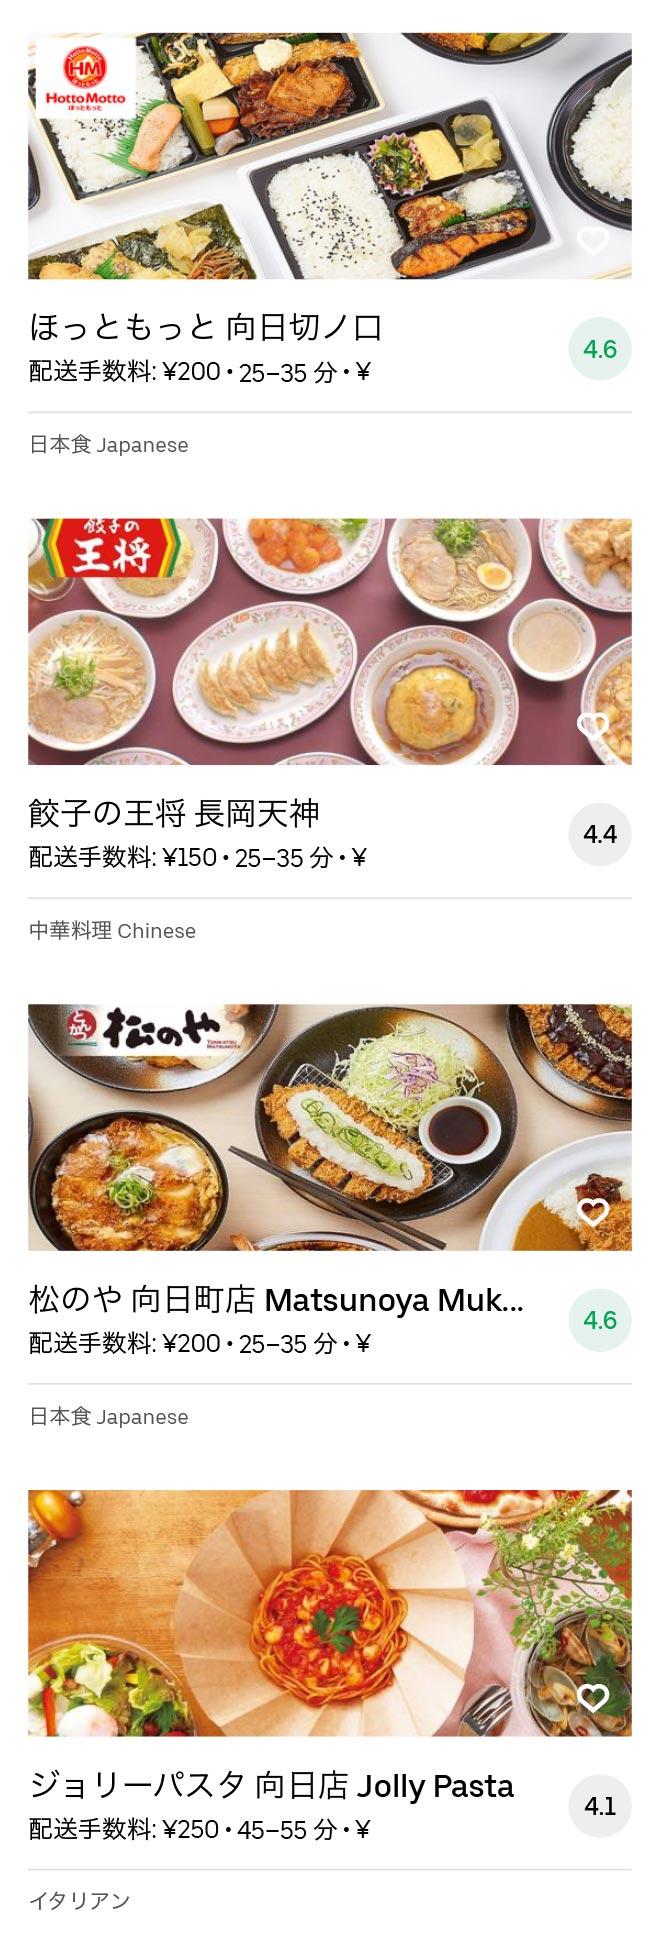 Nagaokakyo menu 2008 03